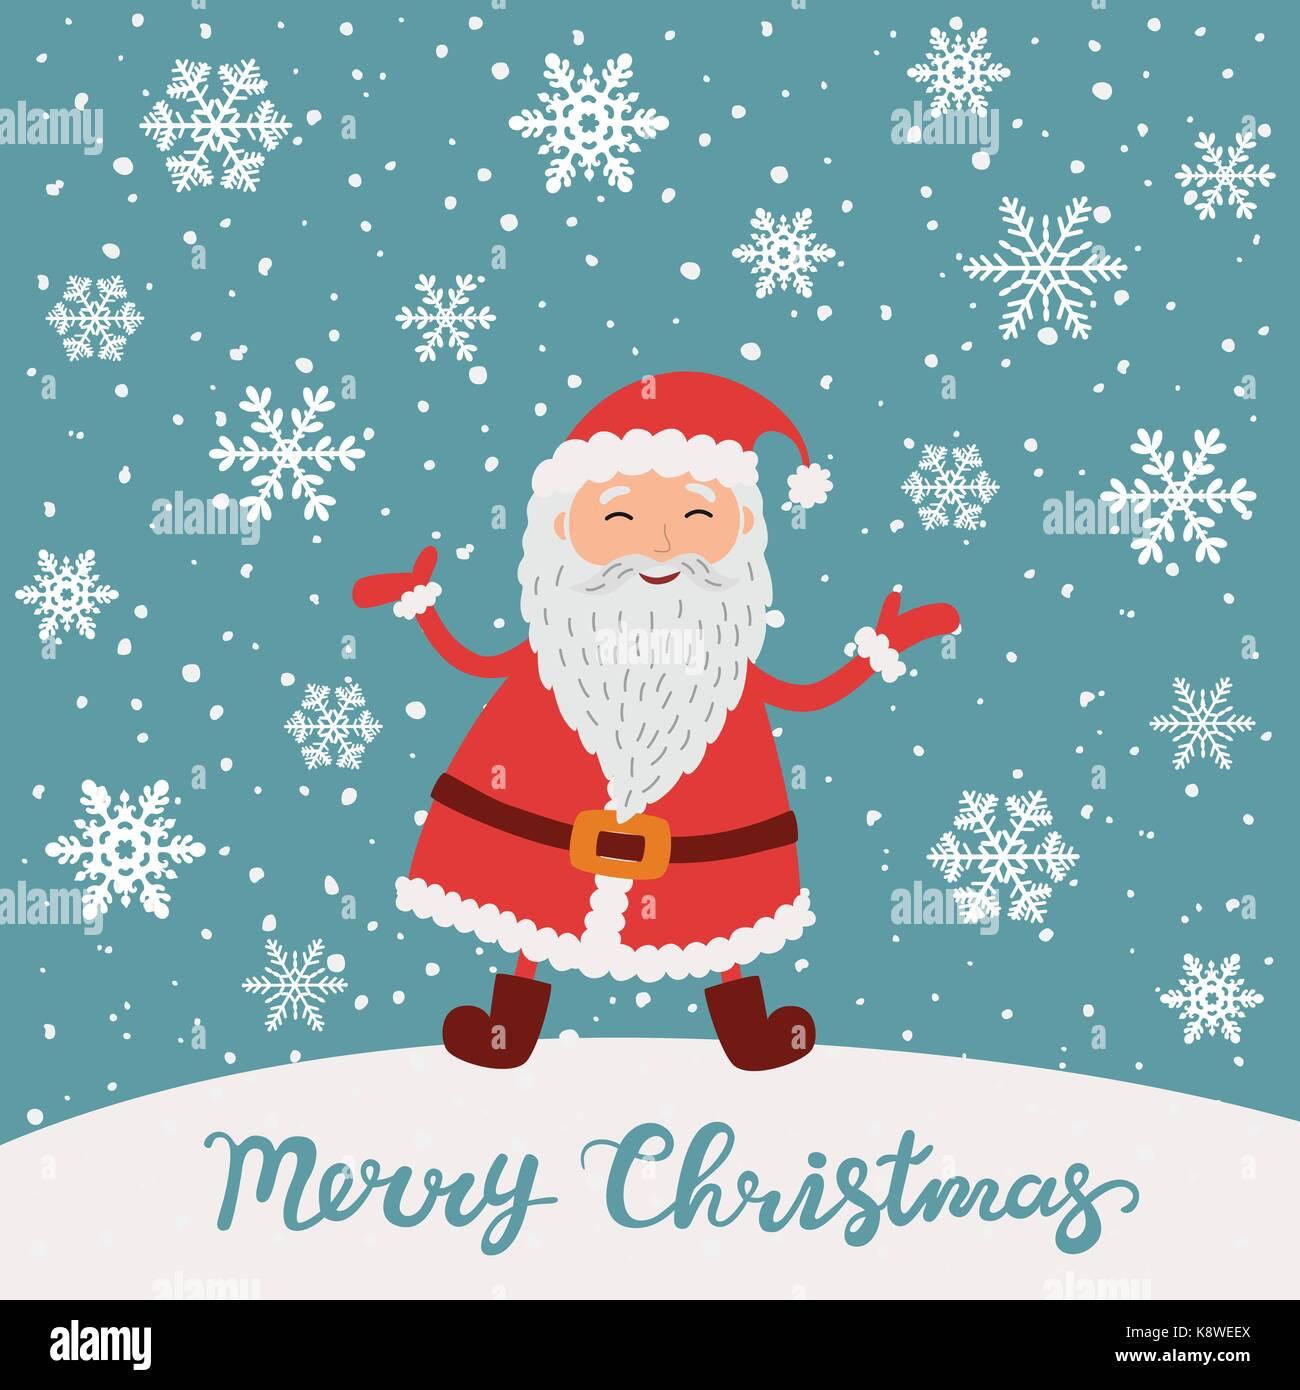 Frohe Weihnachten. Santa Claus Weihnachten Schnee Szene Vektor ...